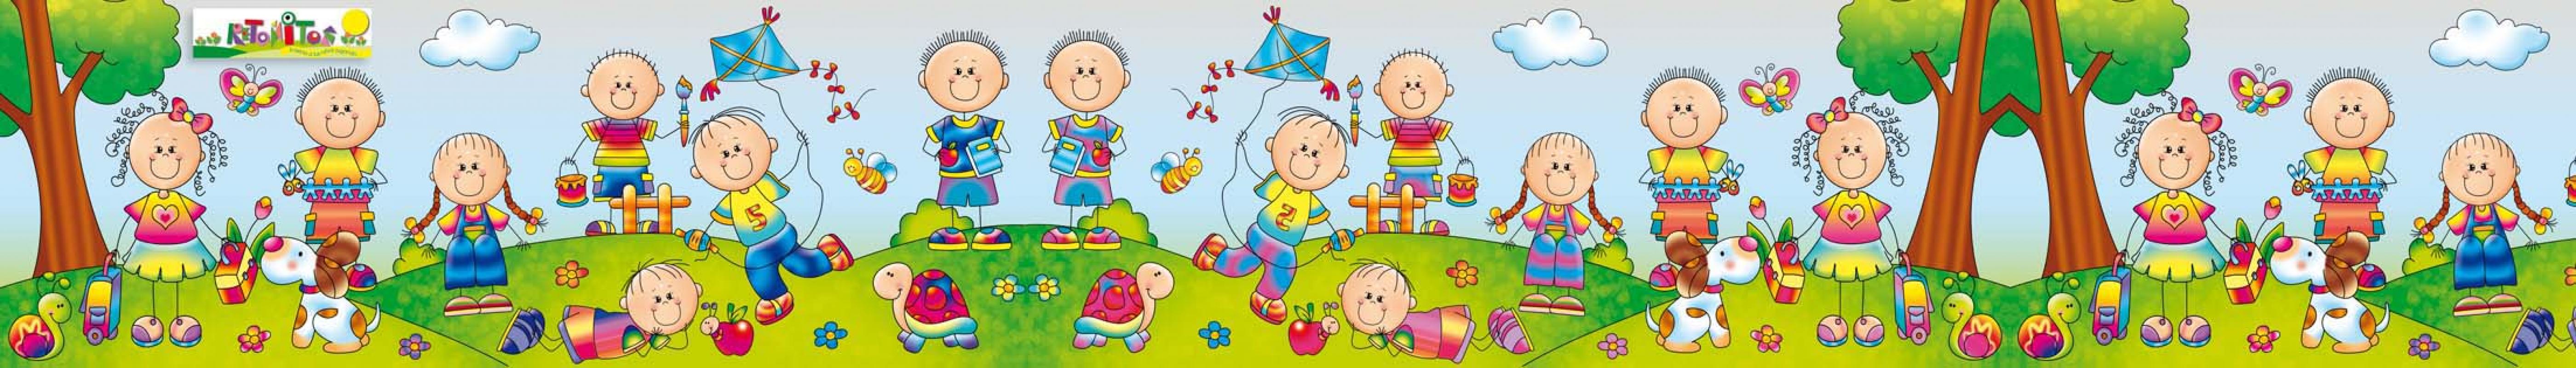 Reto itos revista para educadores y padres - Cenefas de papel infantiles ...